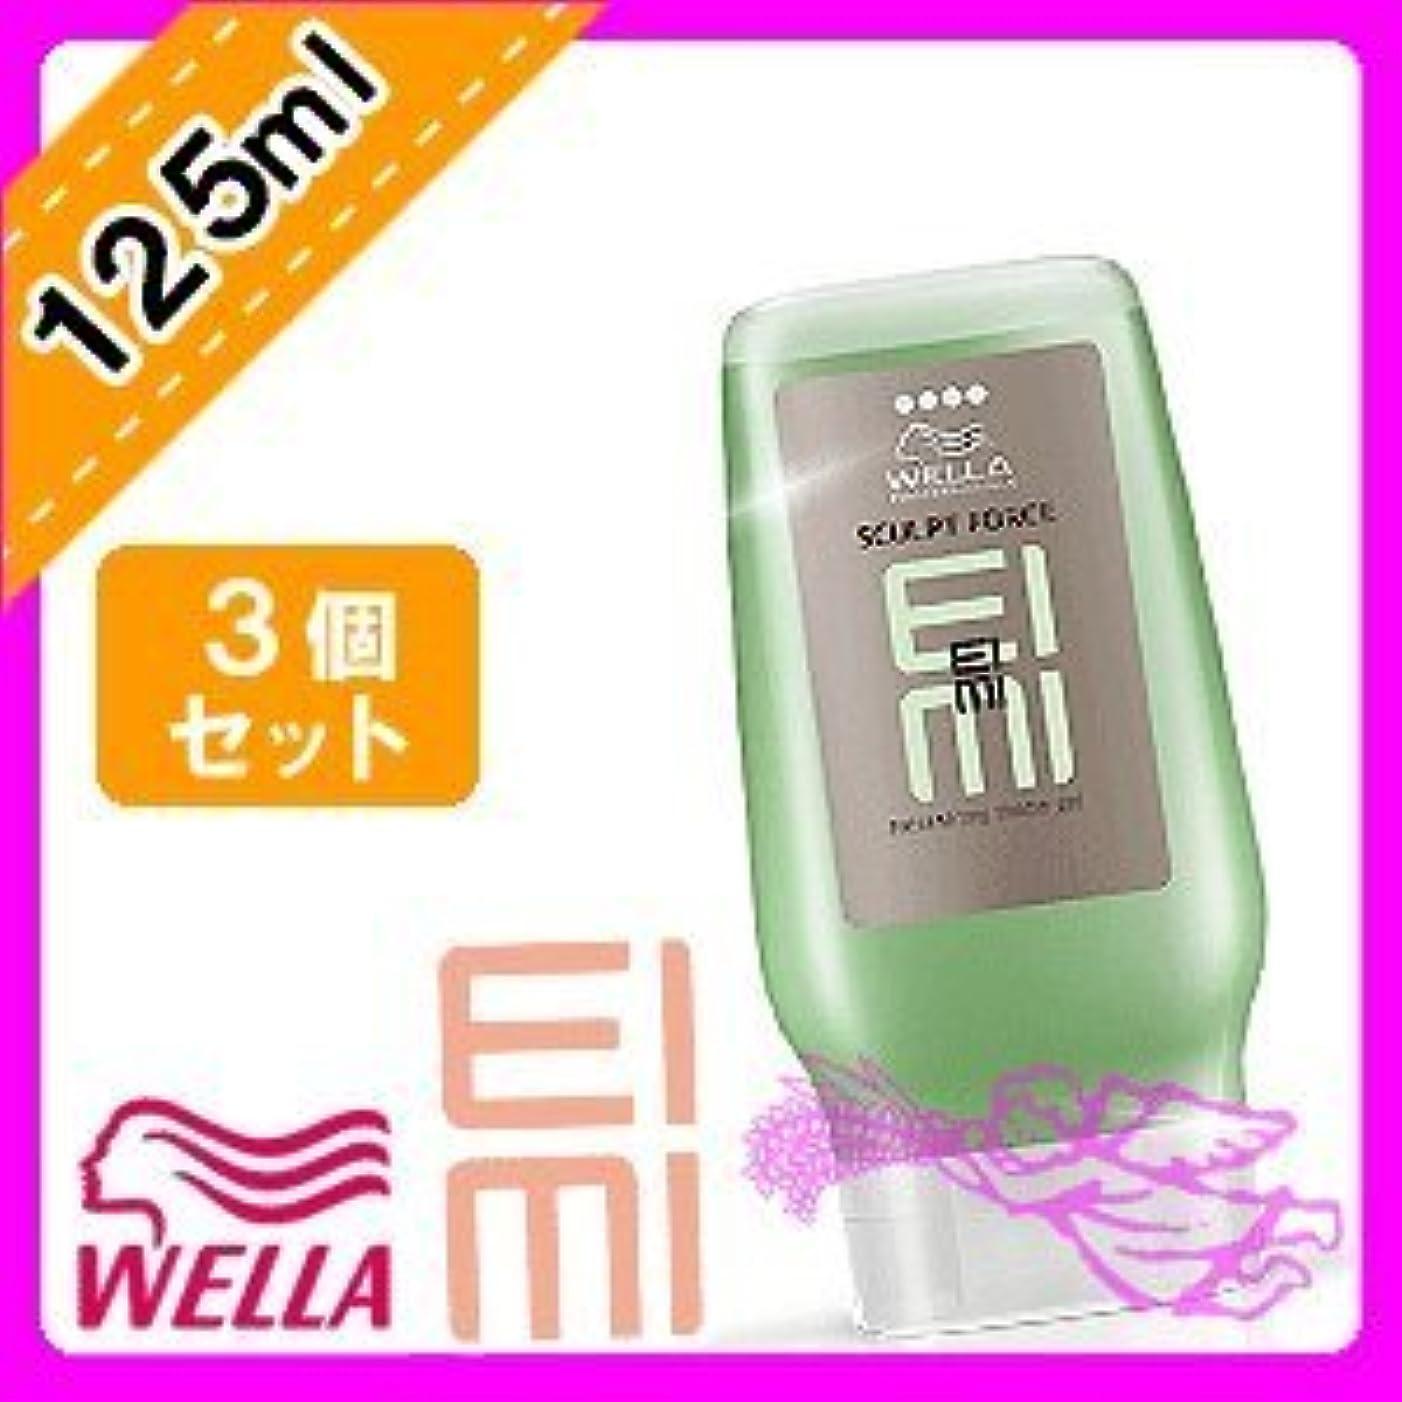 パニックインフレーション比喩ウエラ EIMI(アイミィ) スカルプトフォースジェル 125ml ×3個 セット WELLA P&G